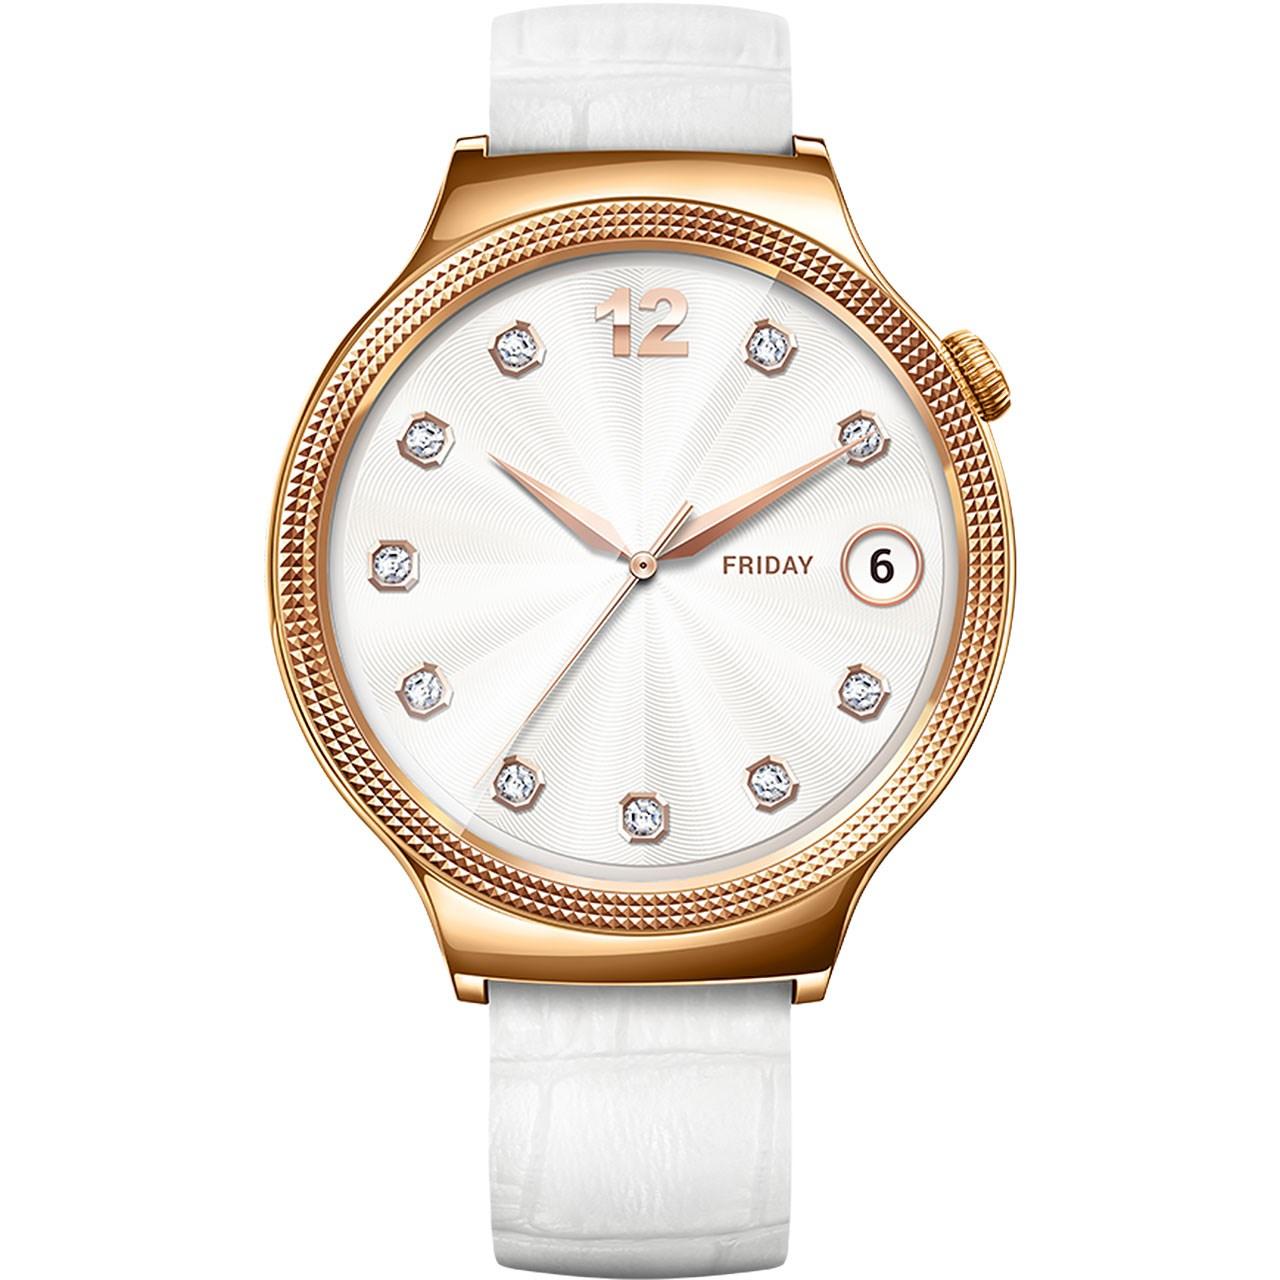 ساعت هوشمند زنانه هوآوی واچ مدل Rose Gold Case with White Leather Band